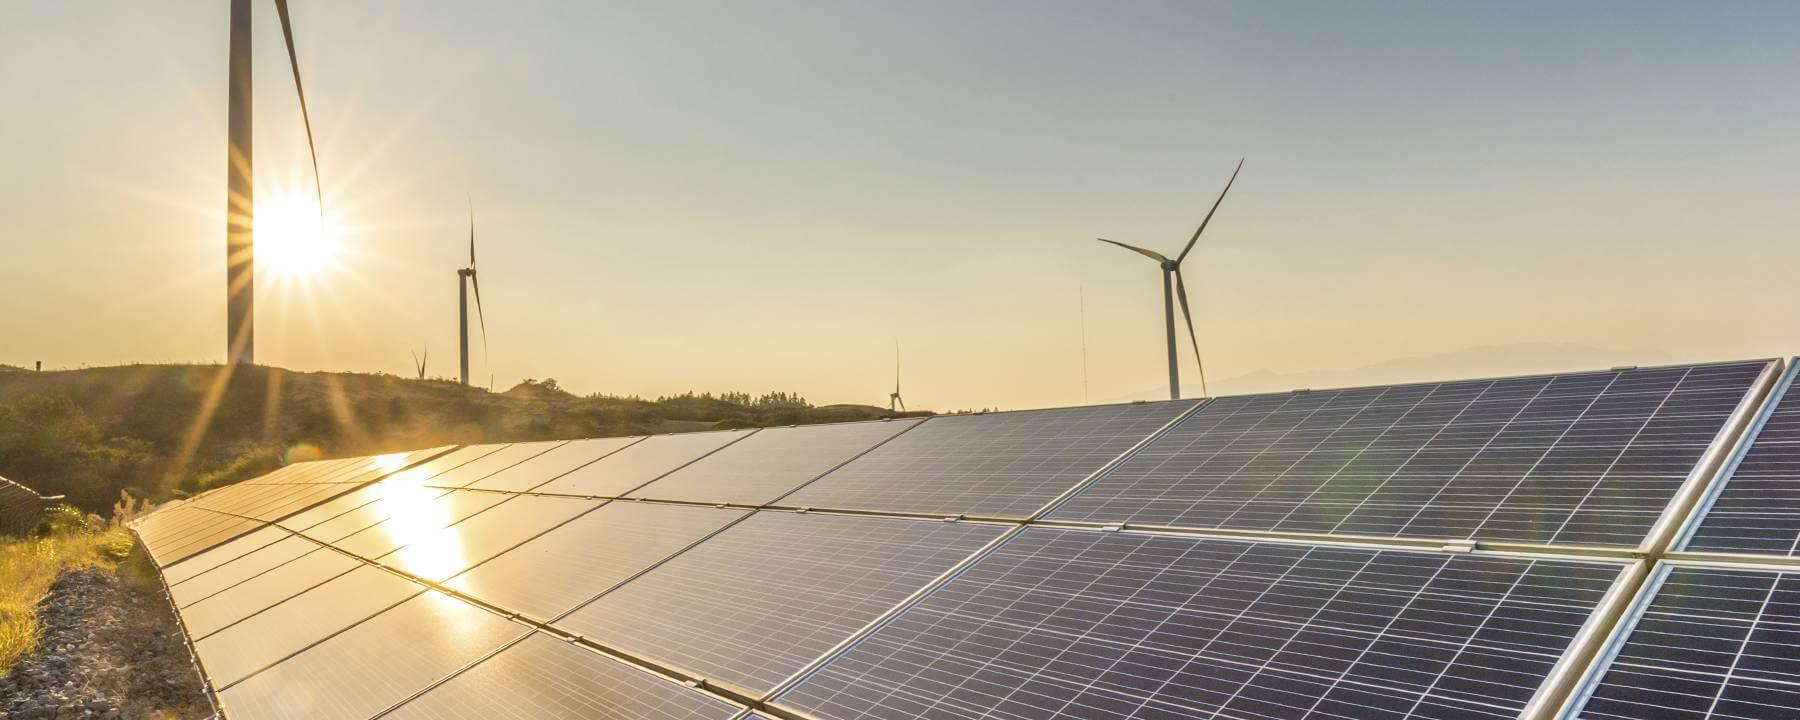 Afinal, como eu faço para saber quanto custa um sistema de energia solar fotovoltaica?